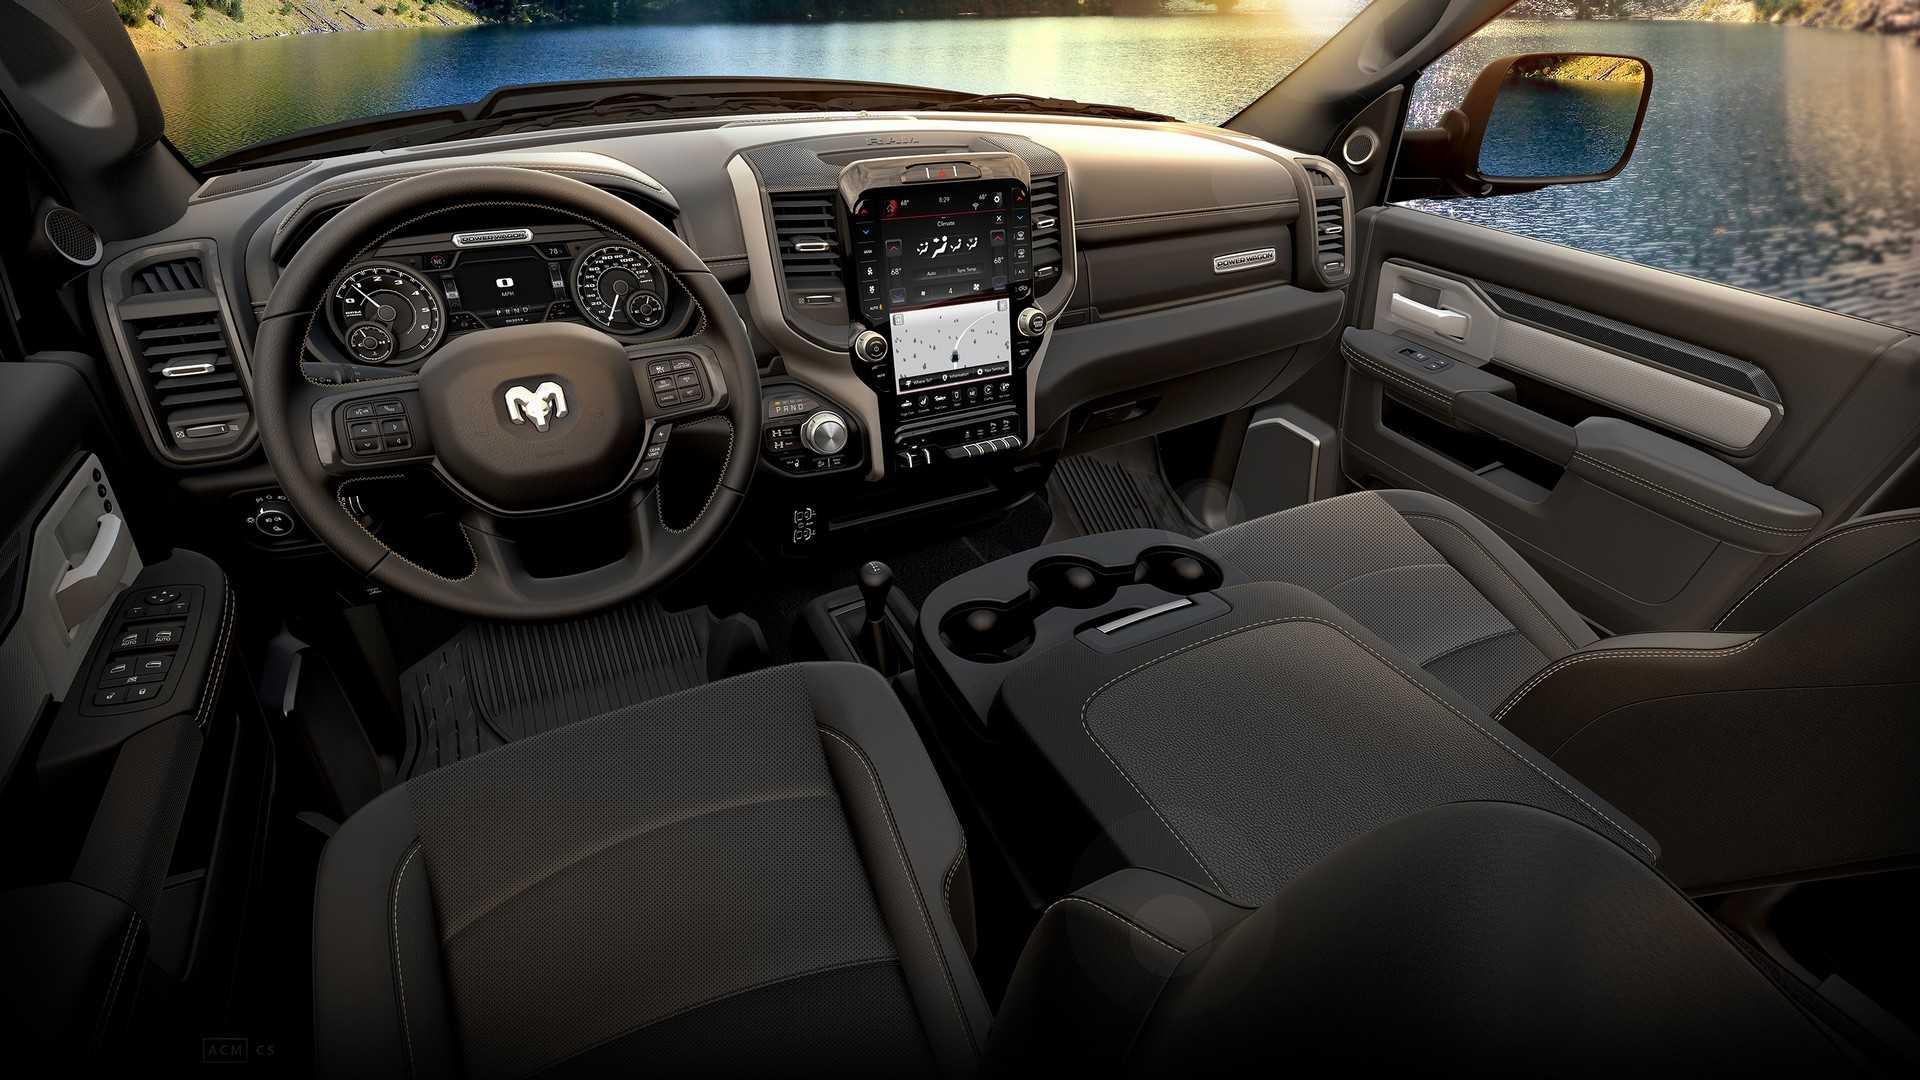 2019-ram-heavy-duty-interior